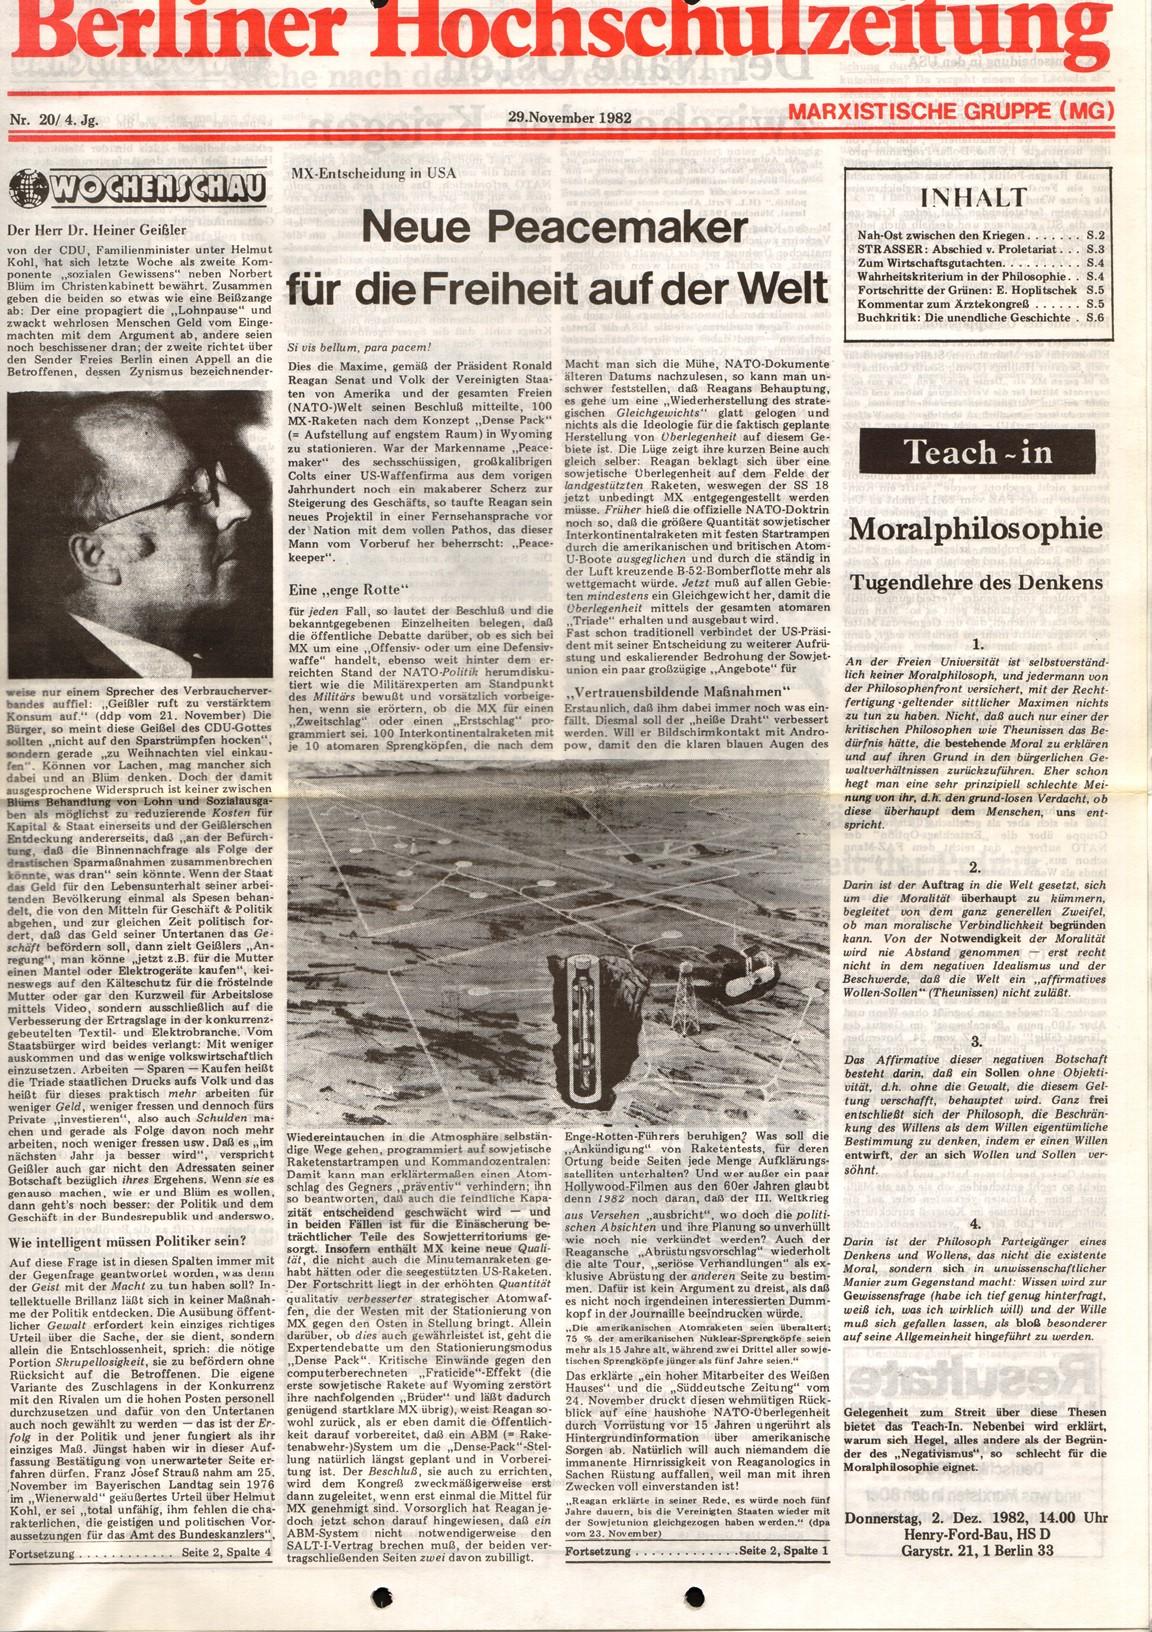 Berlin_MG_Hochschulzeitung_19821129_01